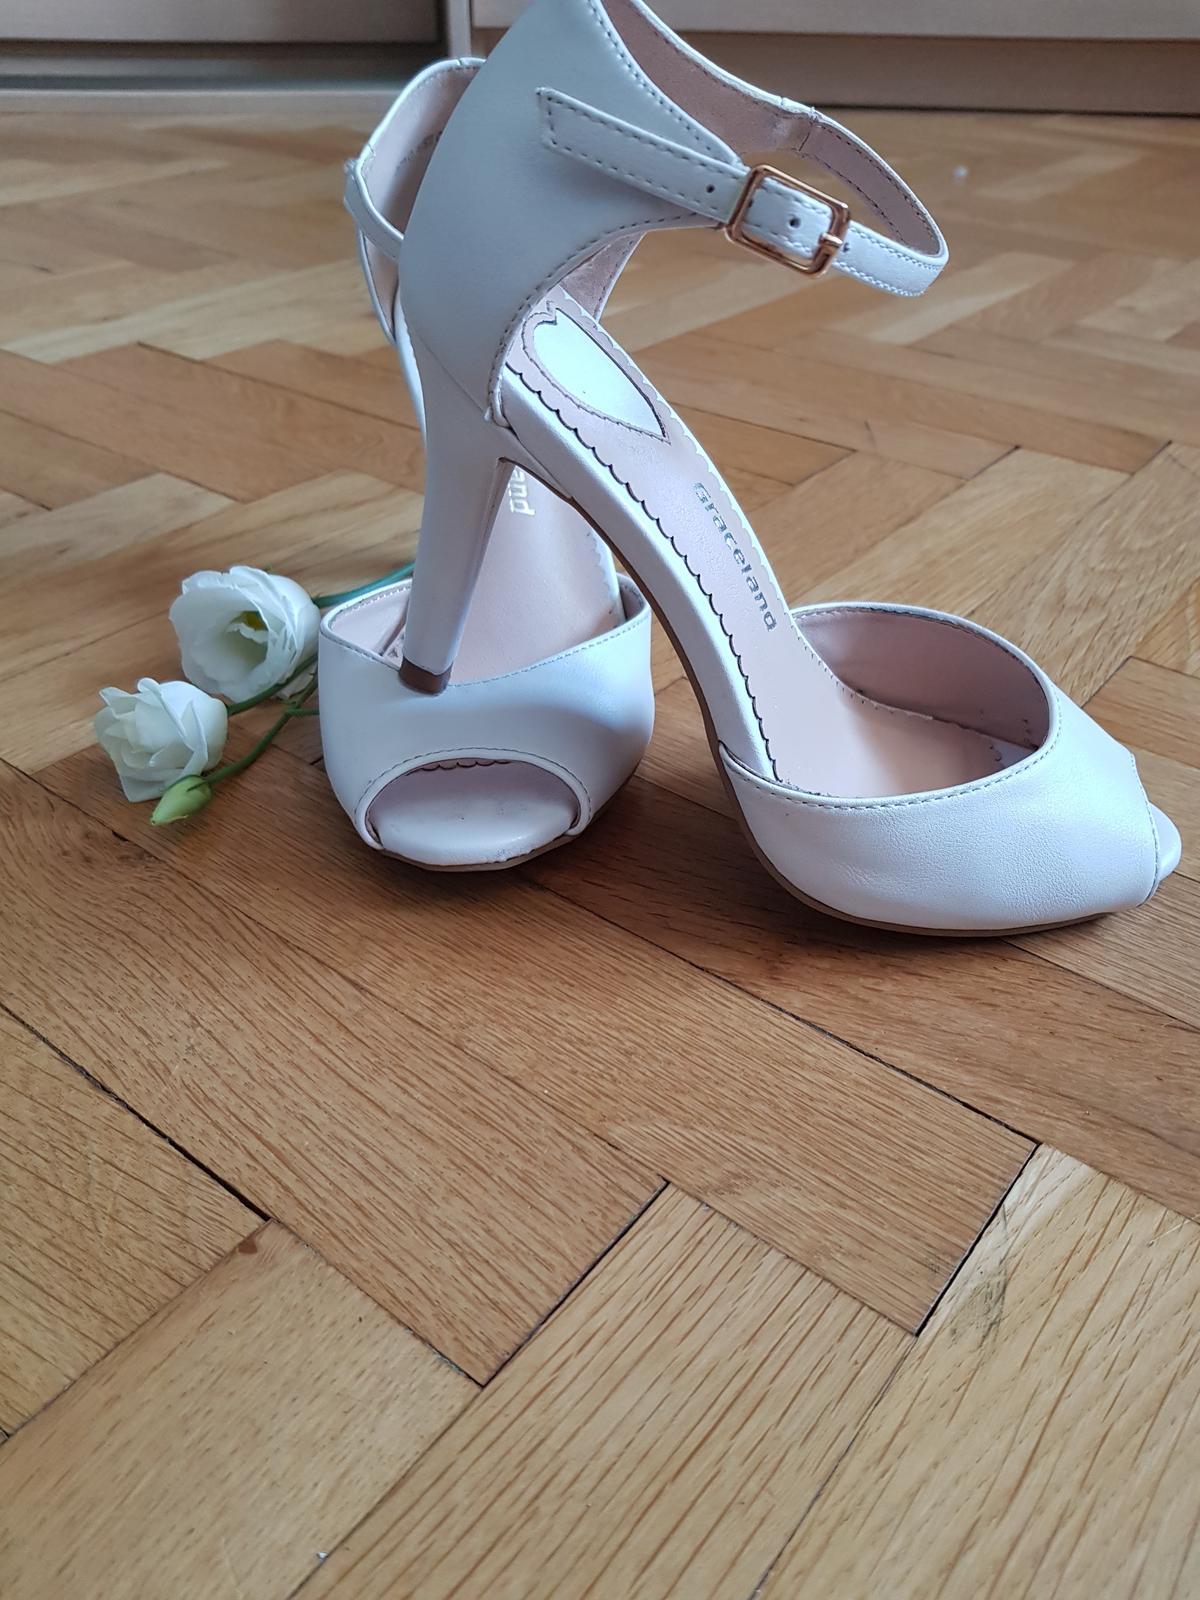 Svadobné pohodlné topánky - Obrázok č. 3